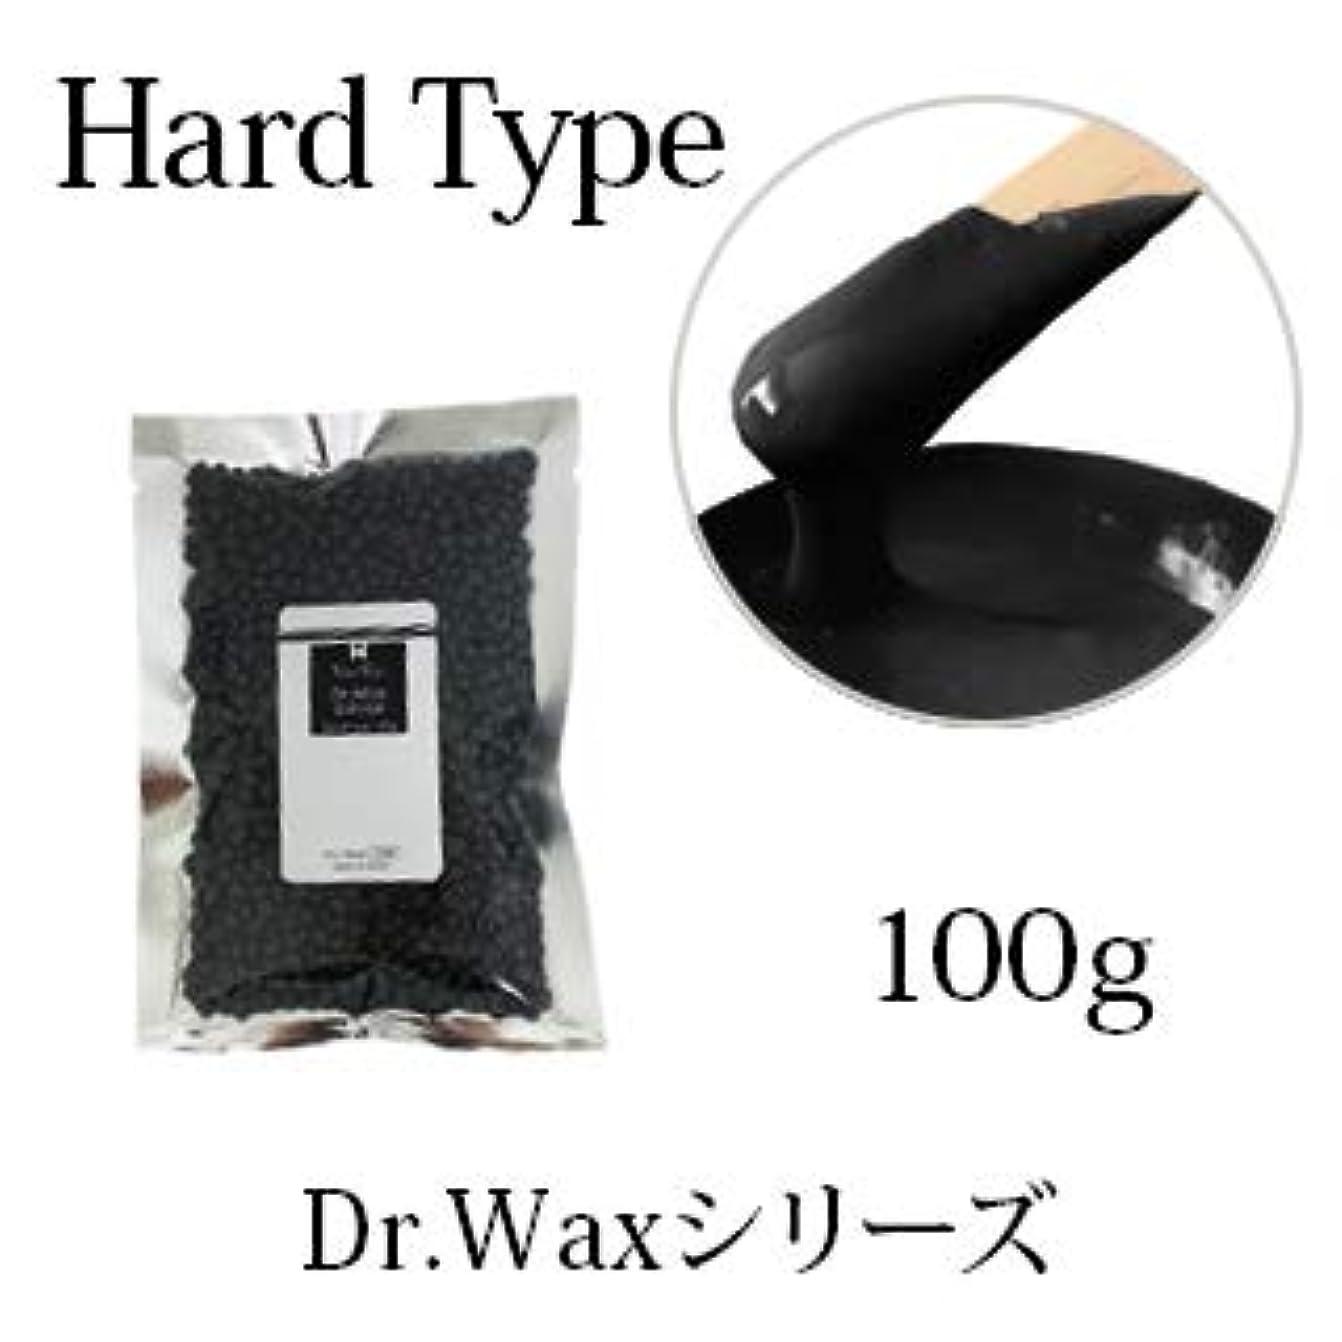 金貸し音楽家身元【Dr.waxシリーズ】ワックス脱毛 粒タイプ 紙を使用しない ハードワックス (キャビア 100g)